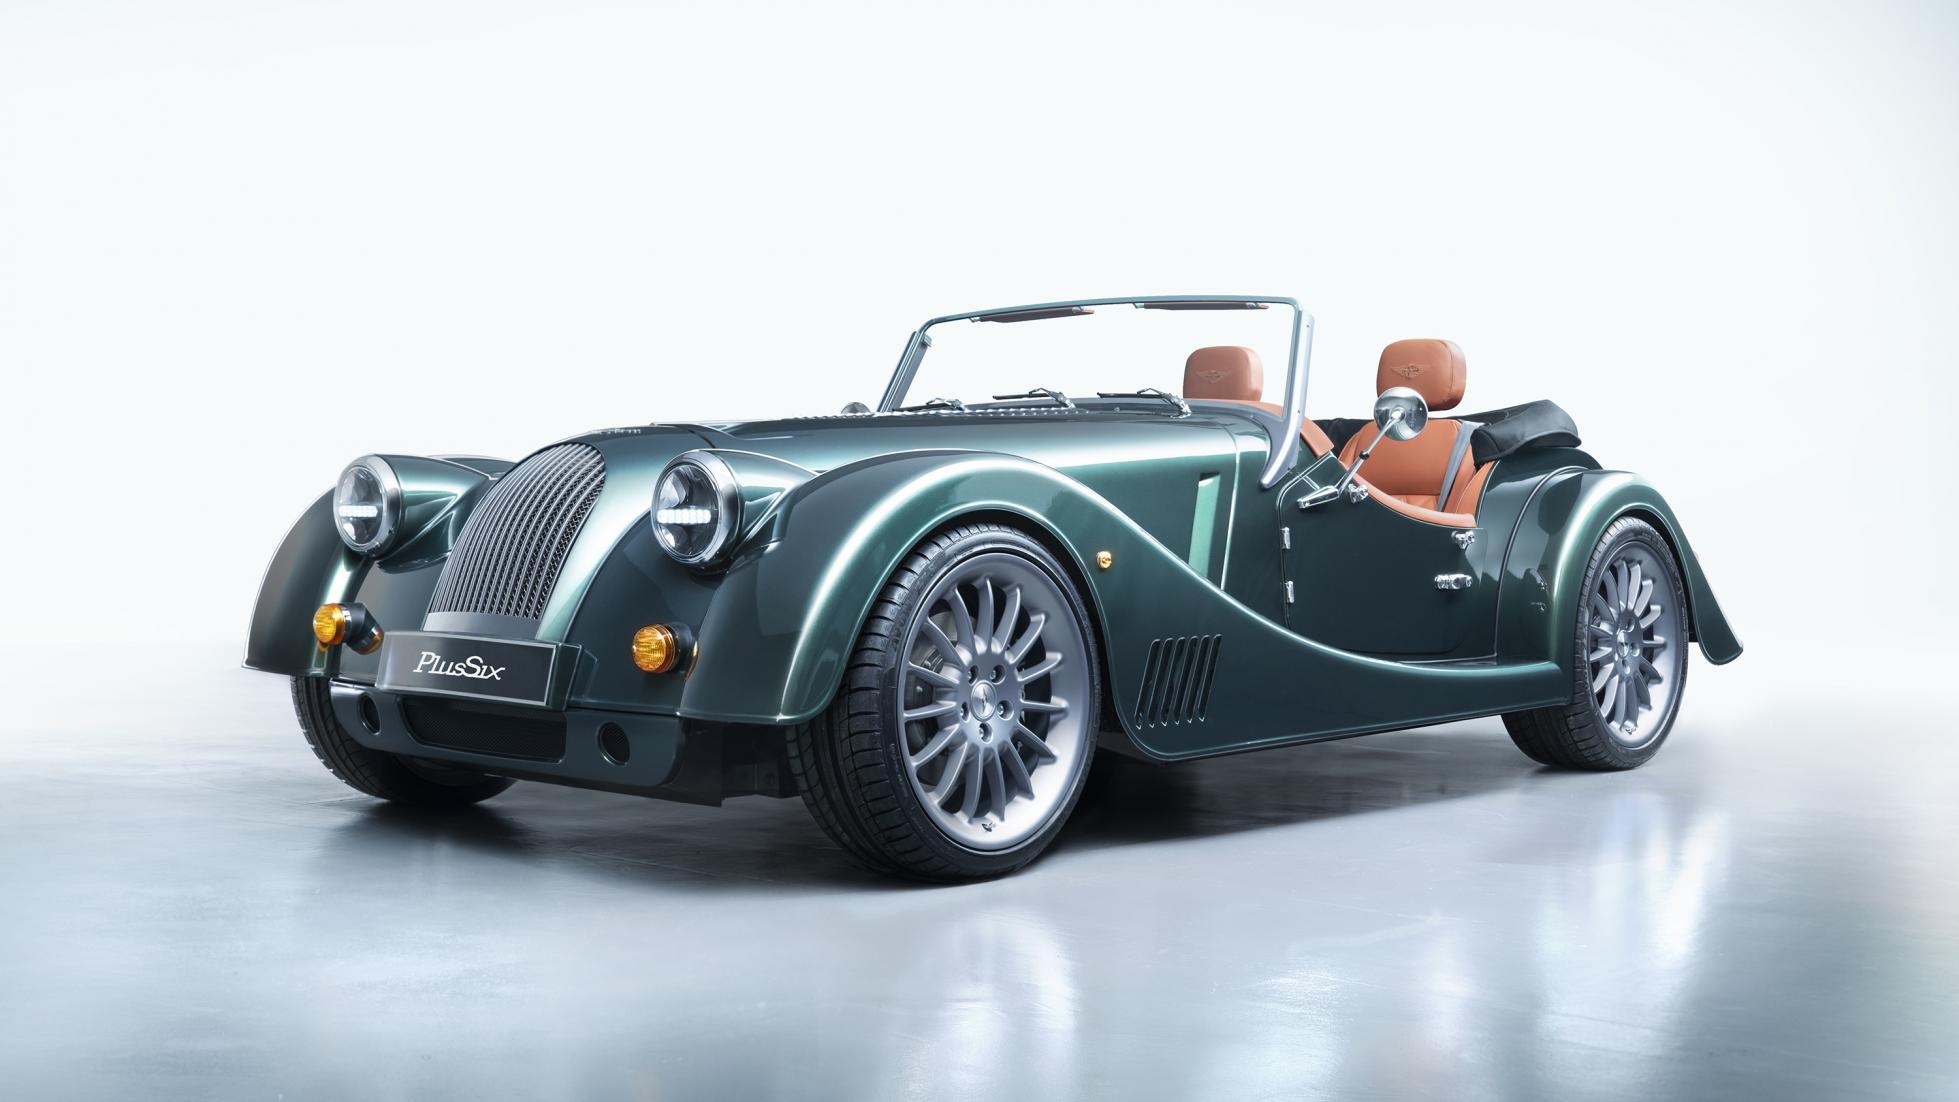 Morgan Plus Six front 3/4